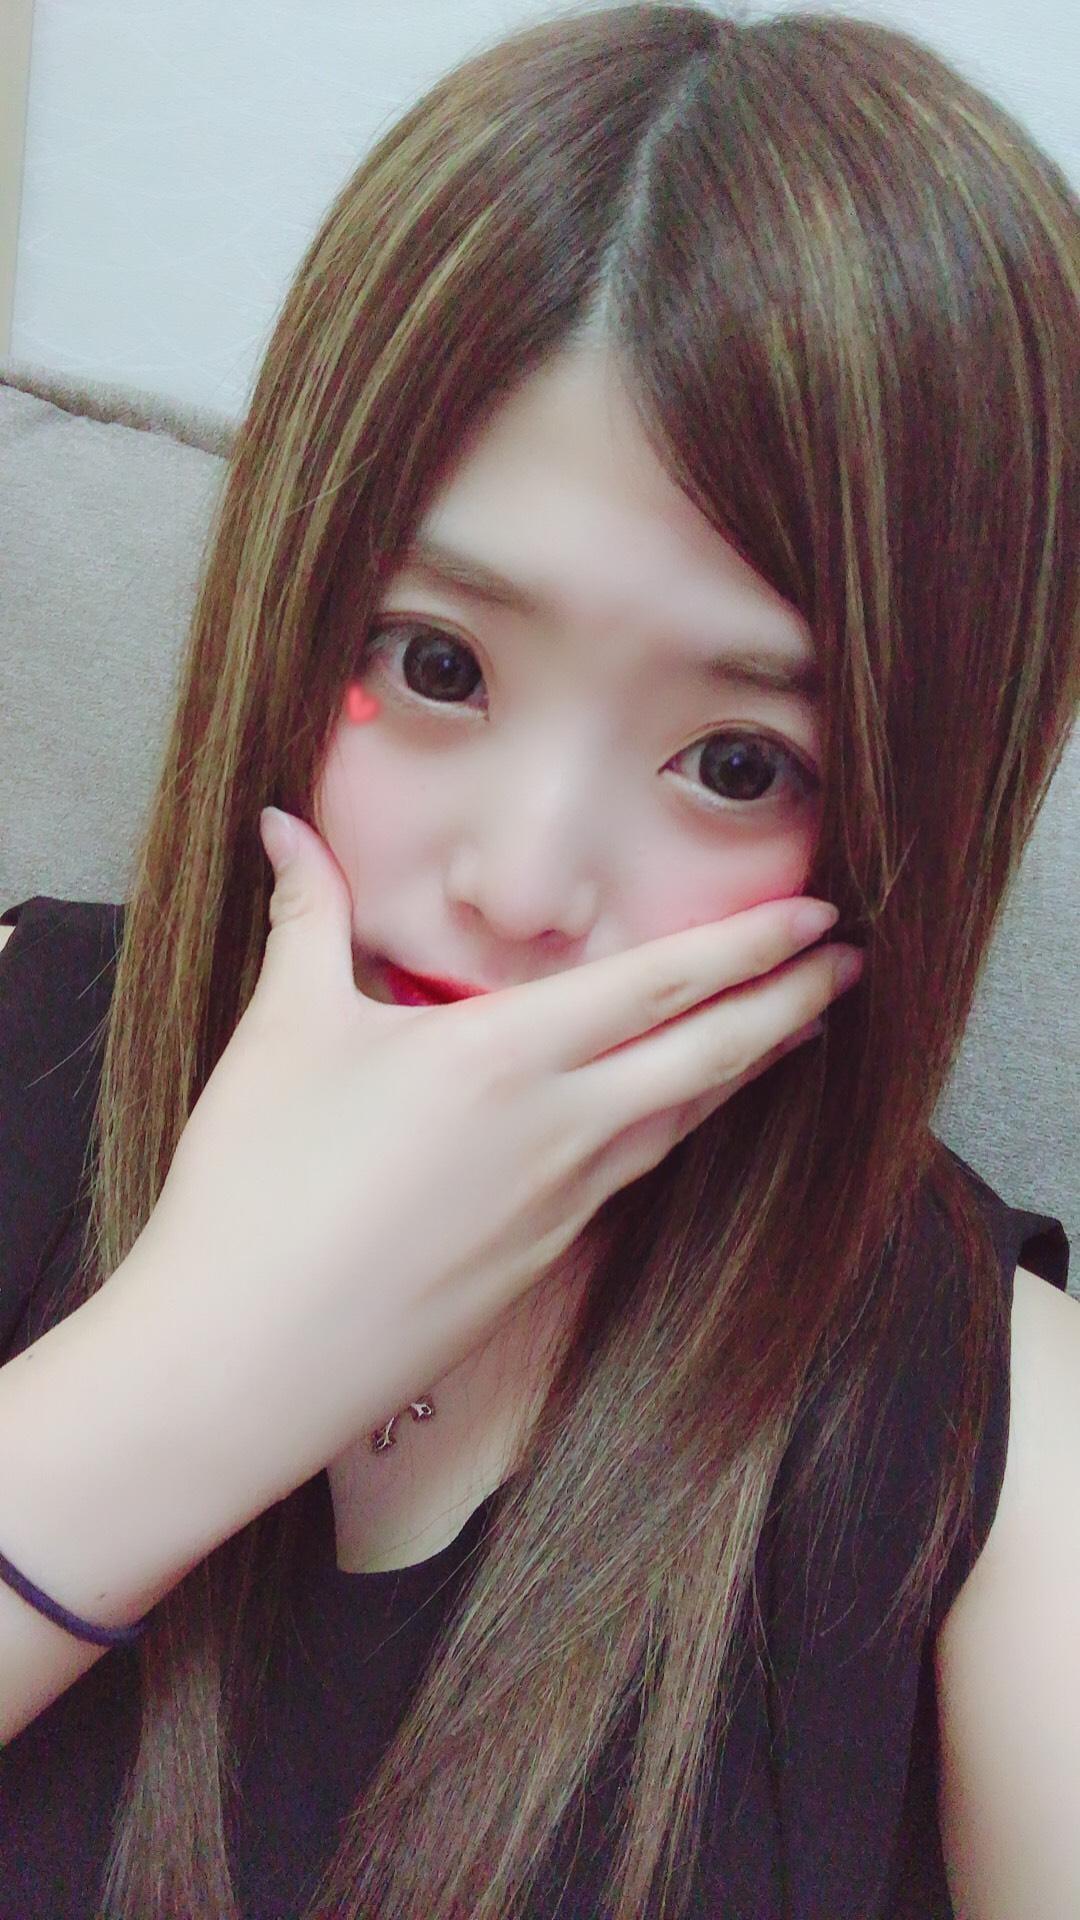 メロ「おはょ!!」08/18(土) 08:19   メロの写メ・風俗動画